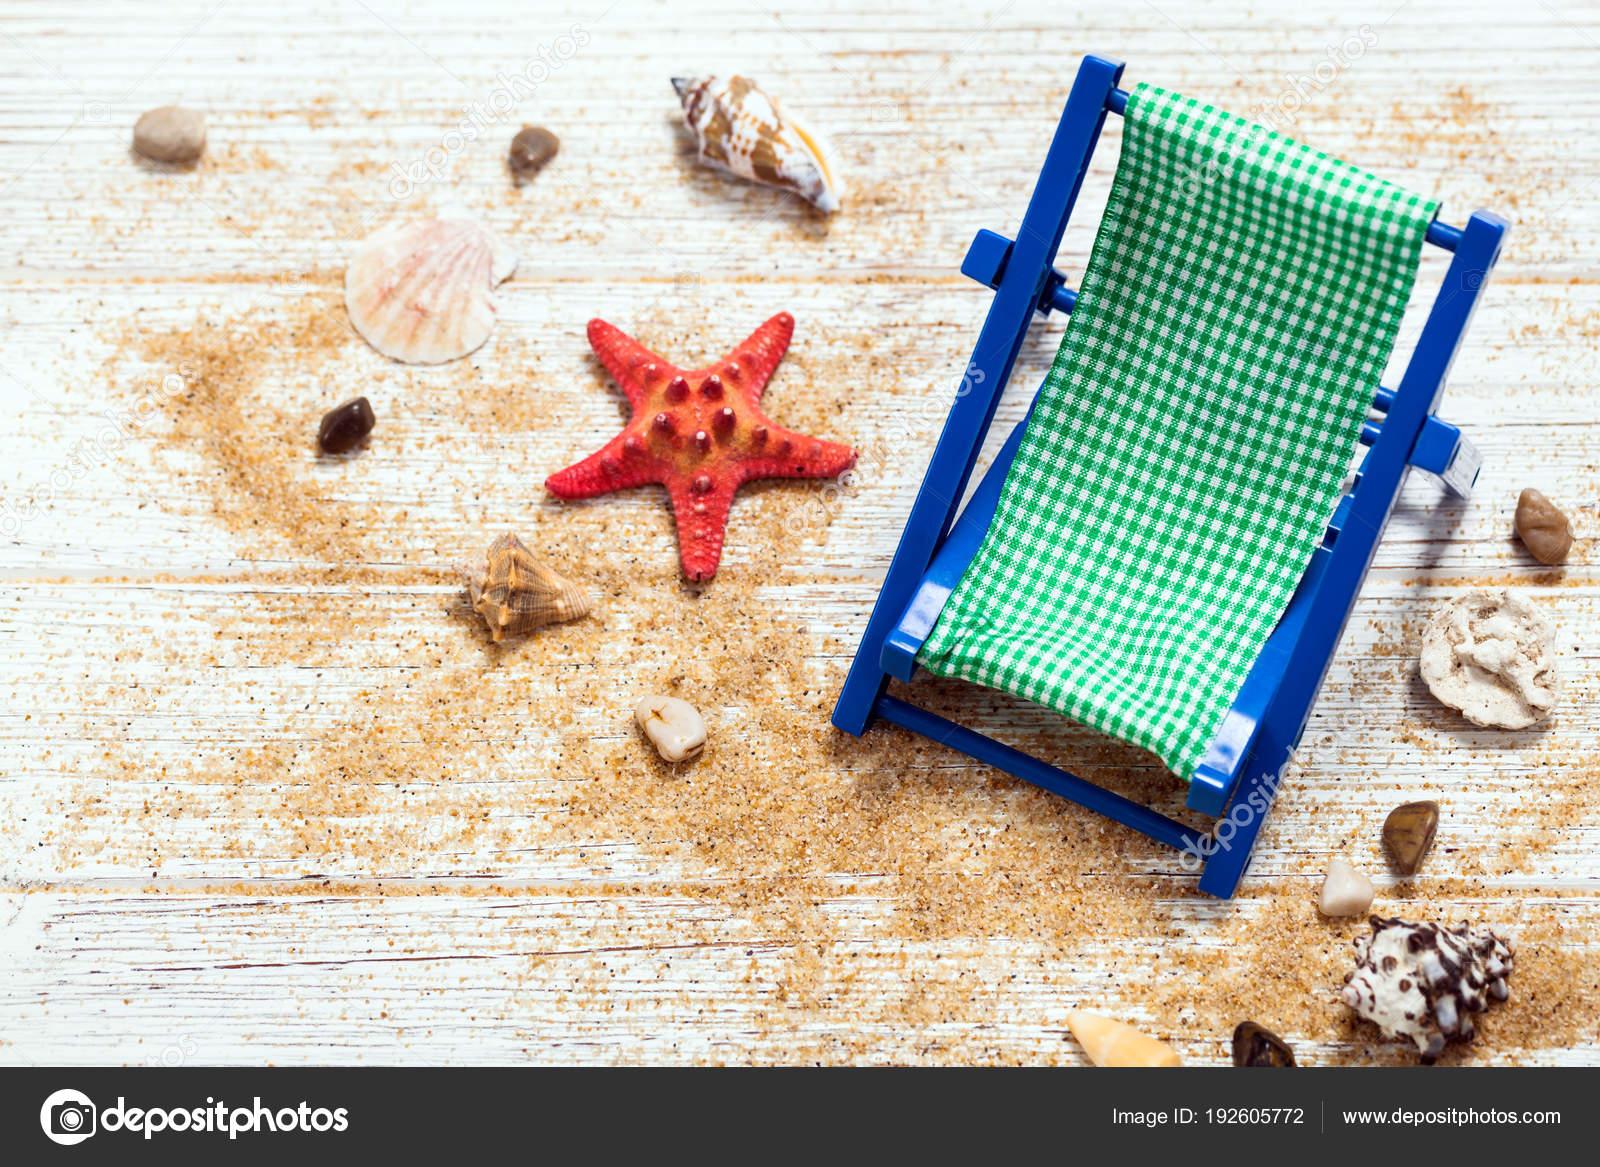 Sedia spiaggia conchiglie sabbia sulla lavagna legno sfondo